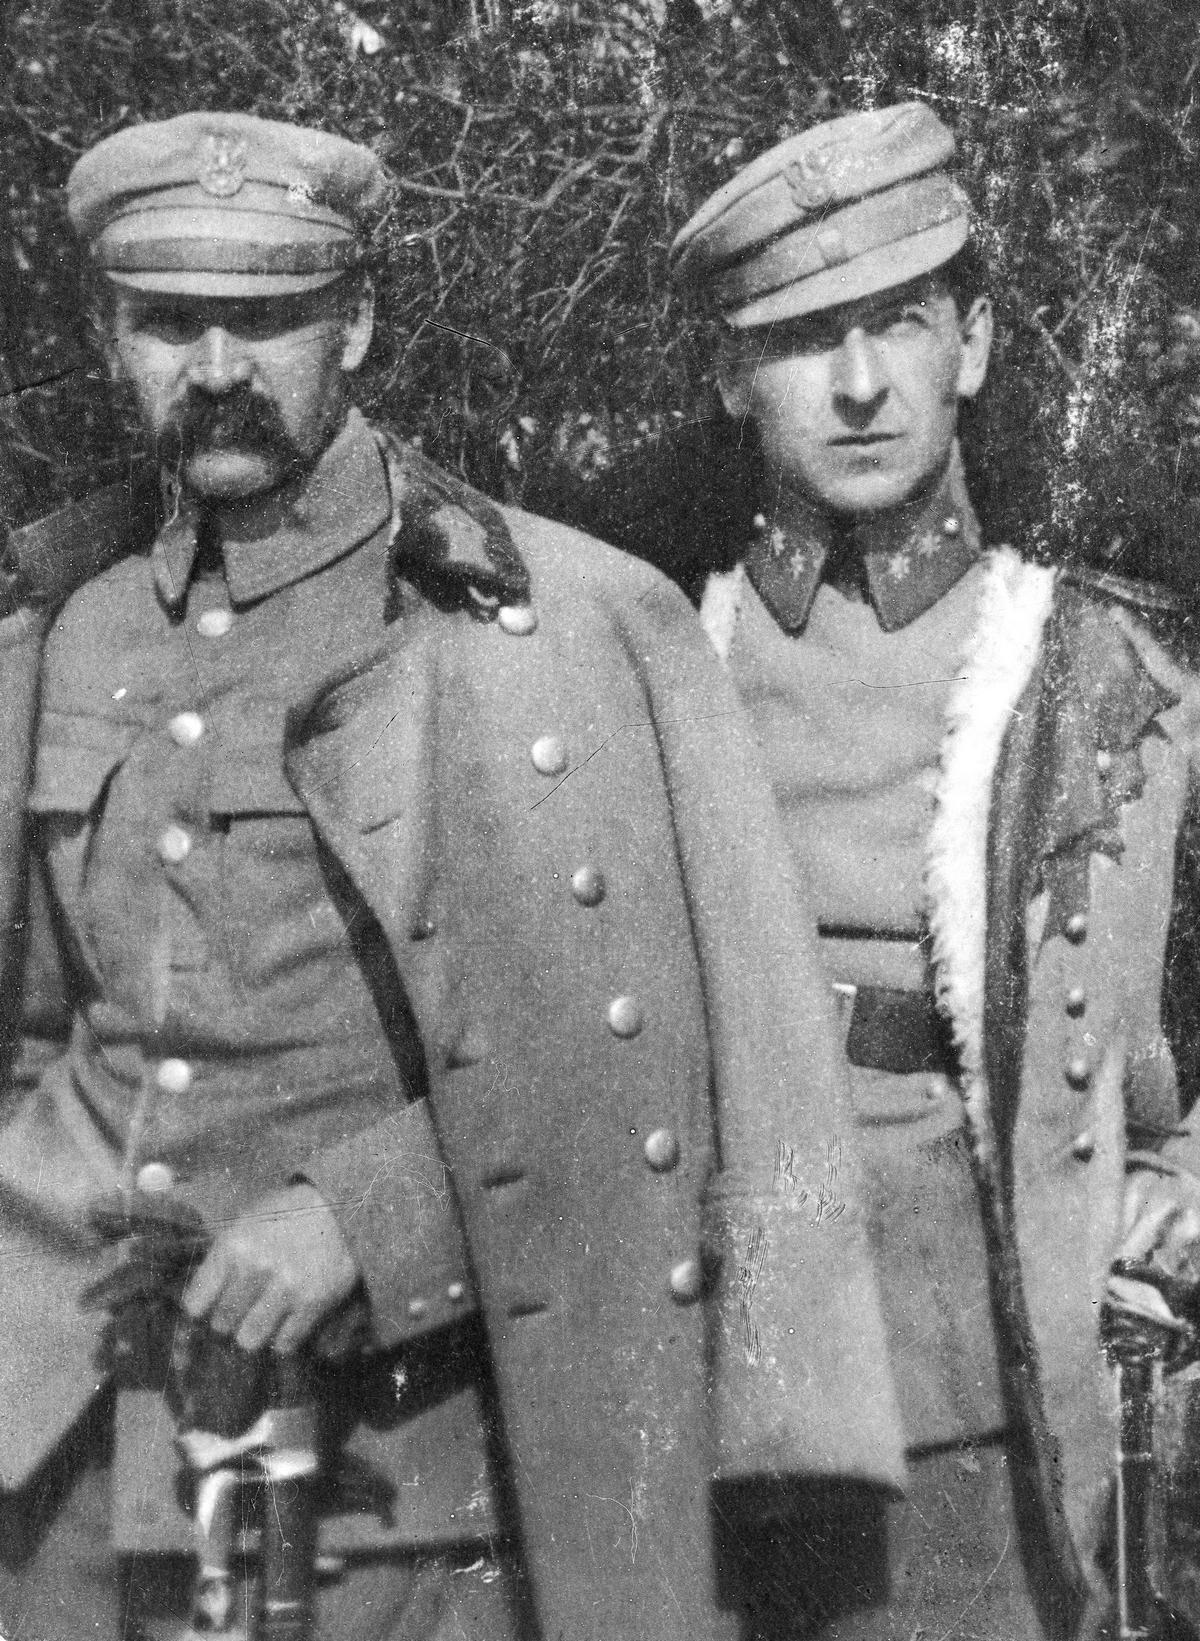 Internowanie w lipcu 1917 r. było najlepszym co mogło się przydarzyć Józefowi Piłsudskiemu. Na zdjęciu Piłsudski i jego adiutant Bolesław Wieniawa-Długoszowski.